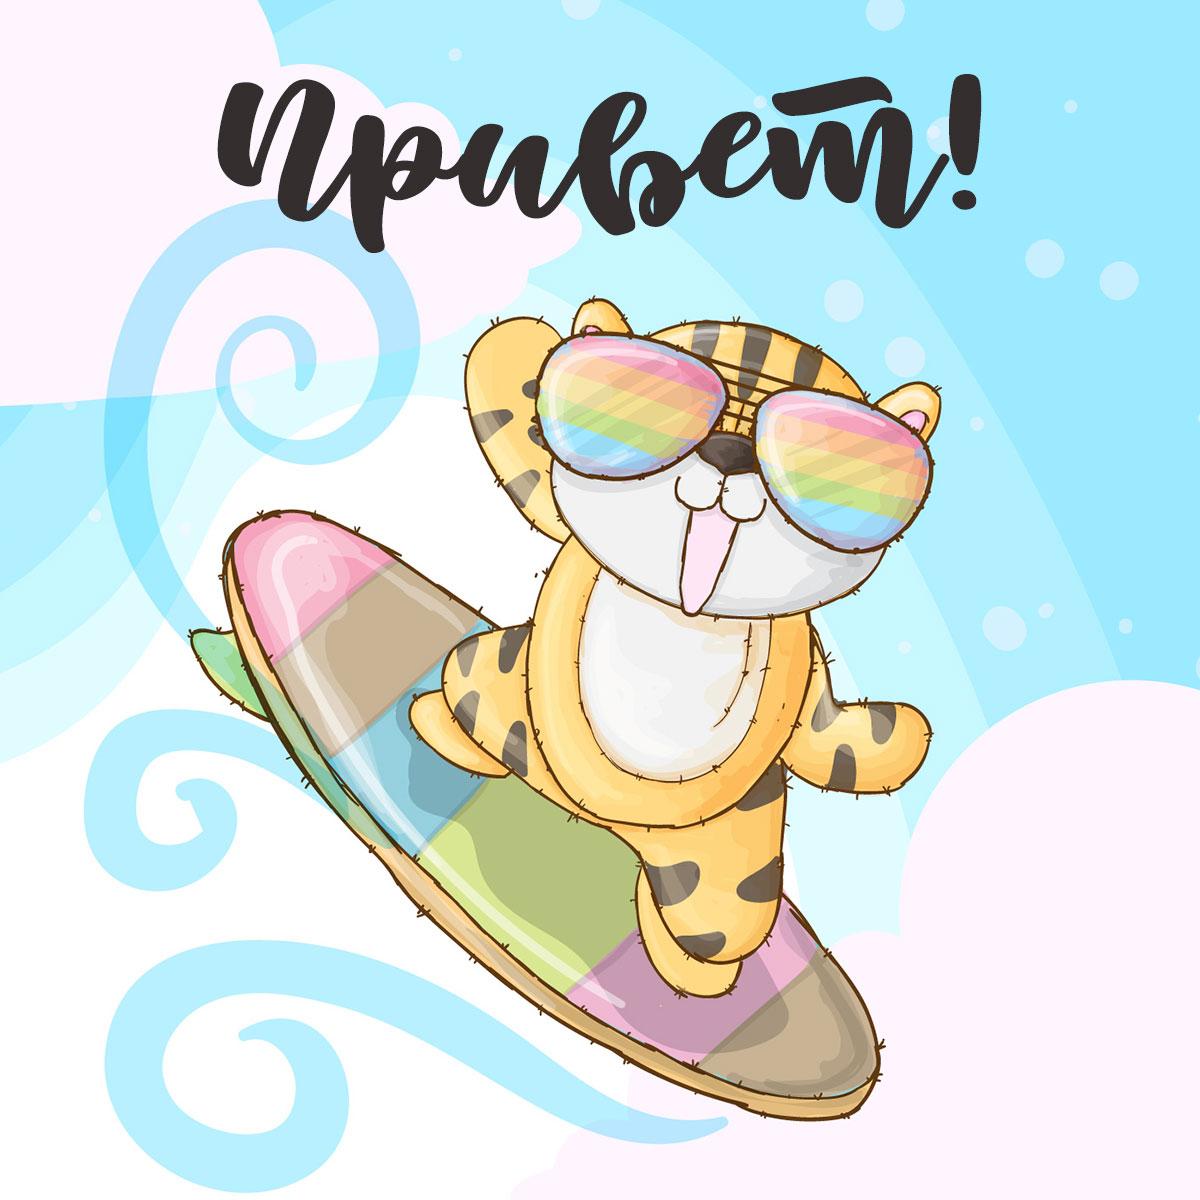 Картинка мультипликационная открытка летний привет с тигренком в солнечных очках на серфинге в голубых волнах.